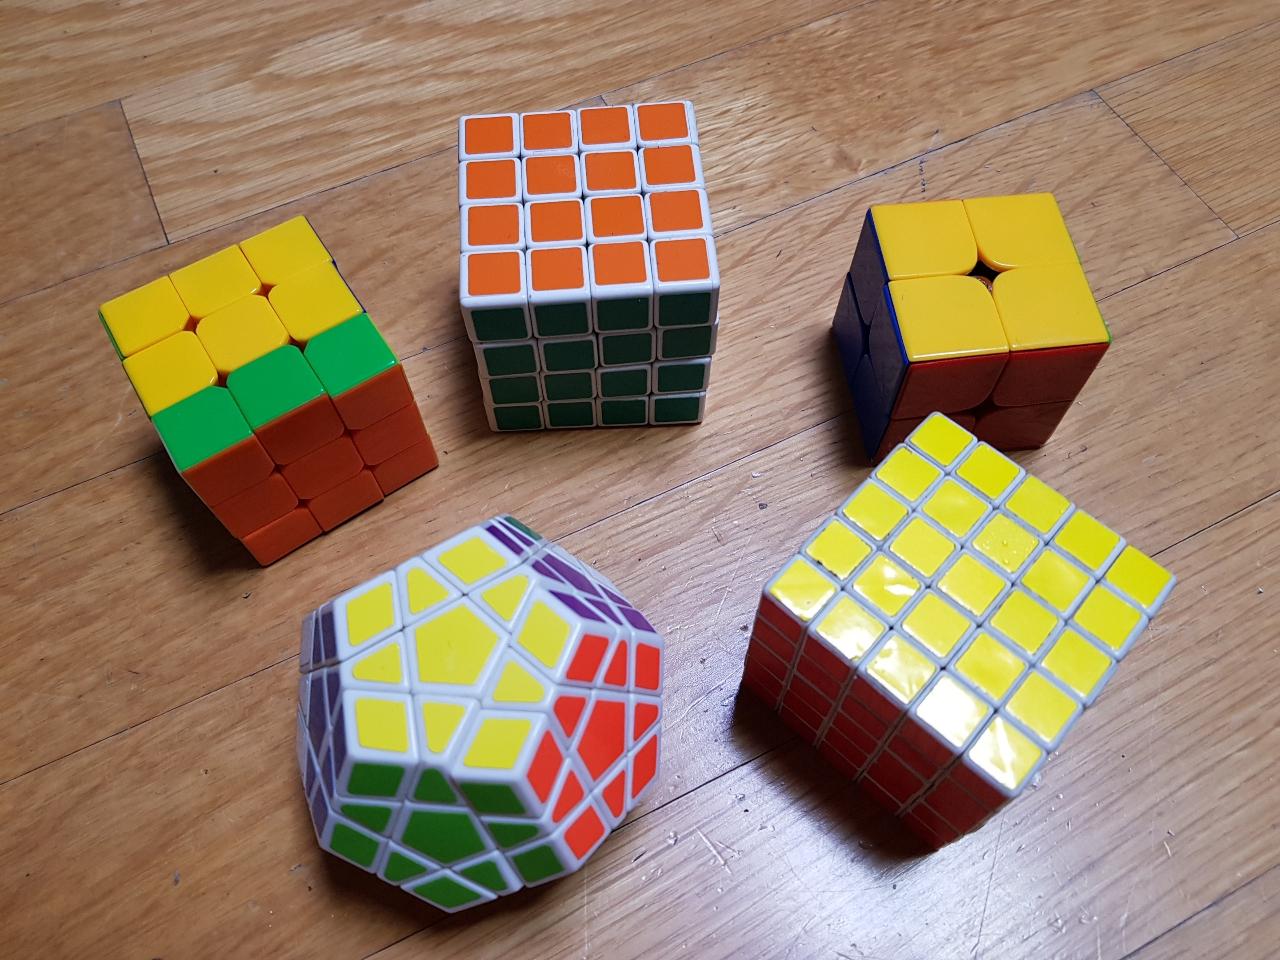 다양한 종류의 큐브